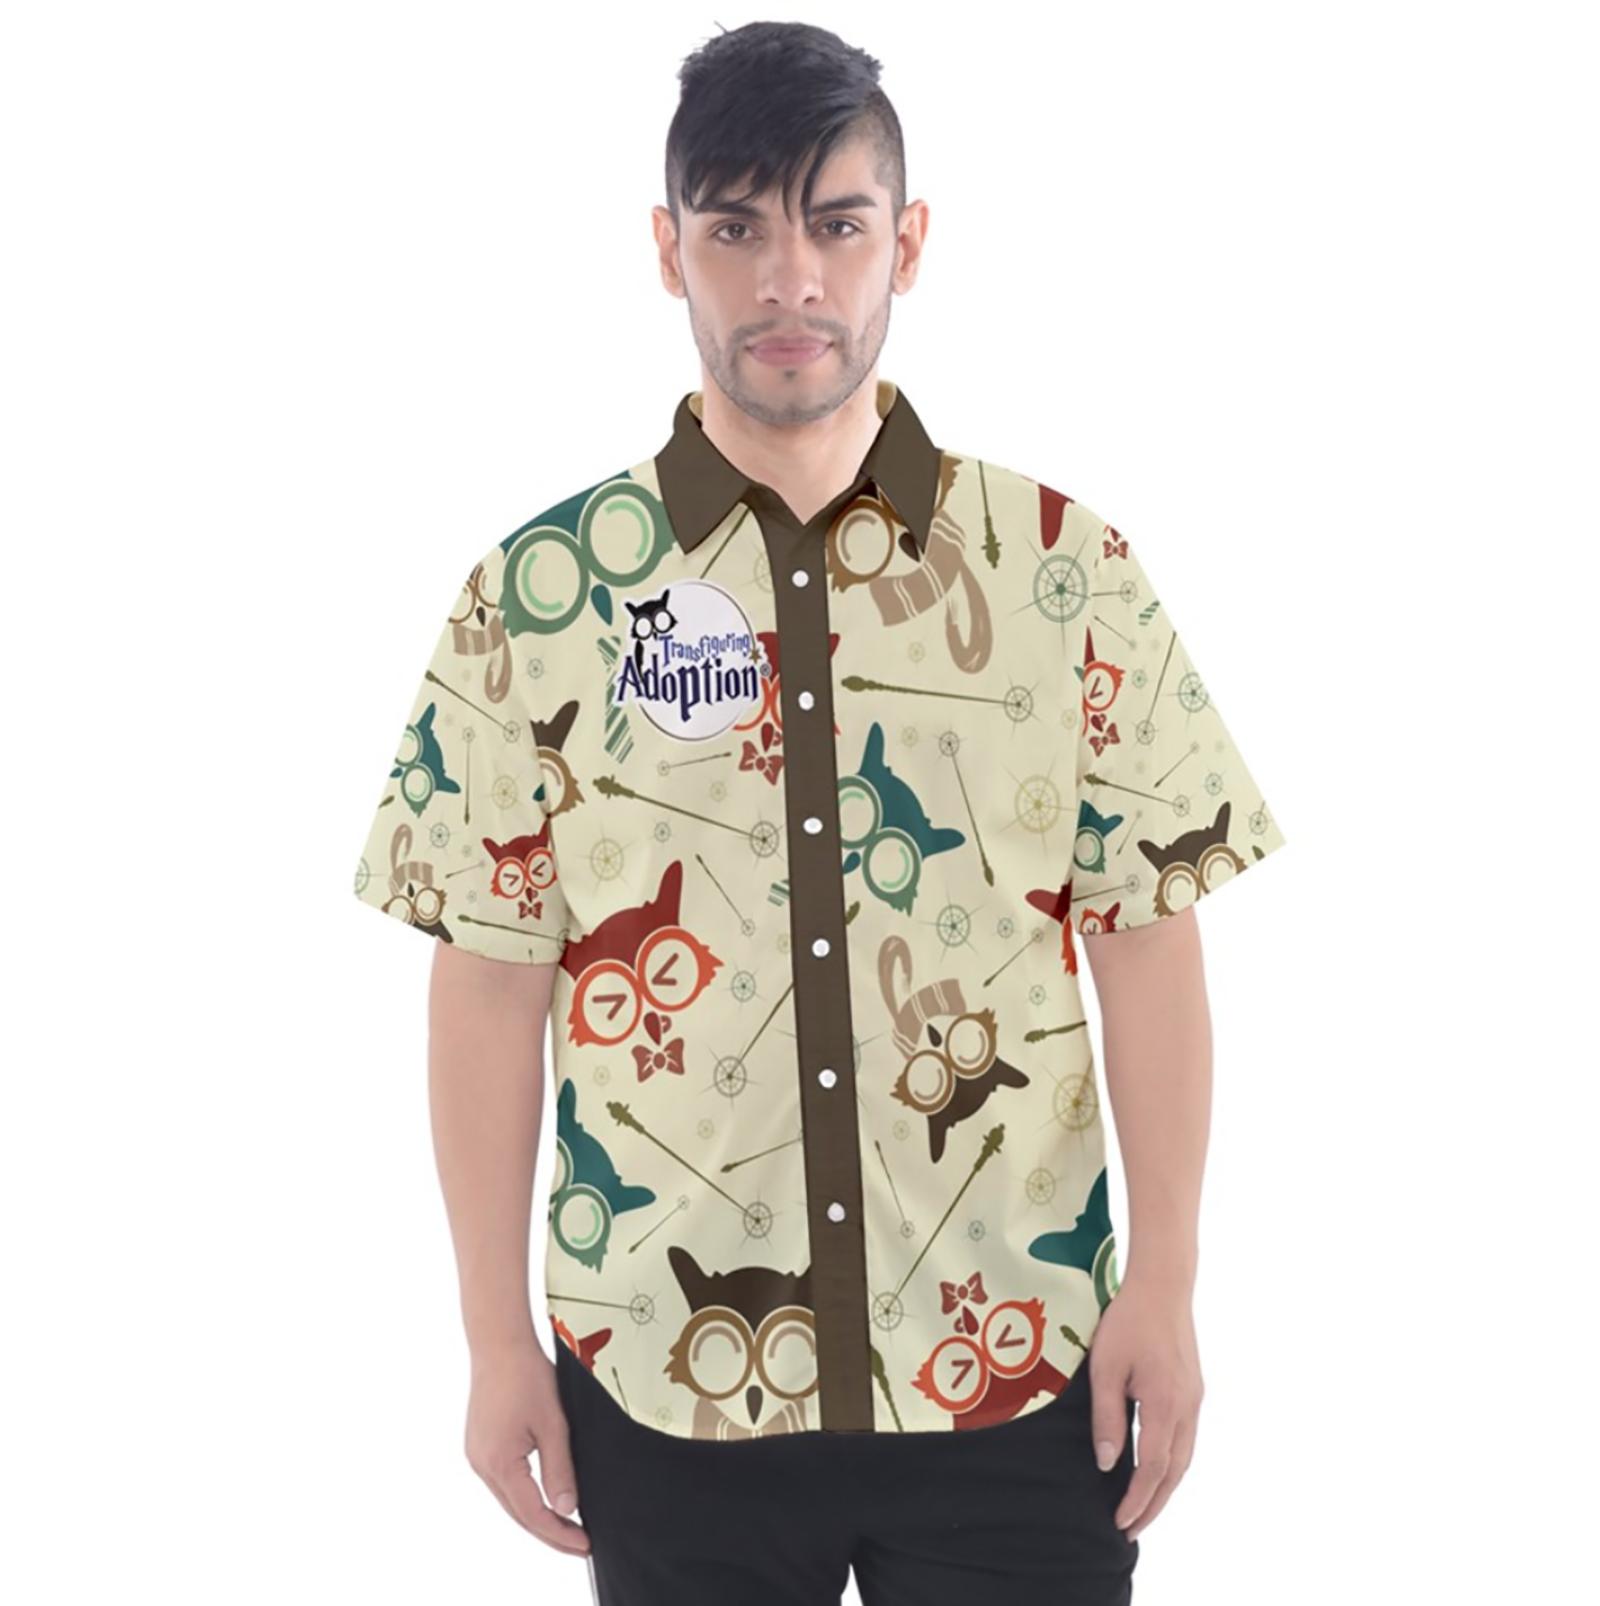 Vintage Emoji Owl Button Up Short Sleeve Shirt (Patterned)